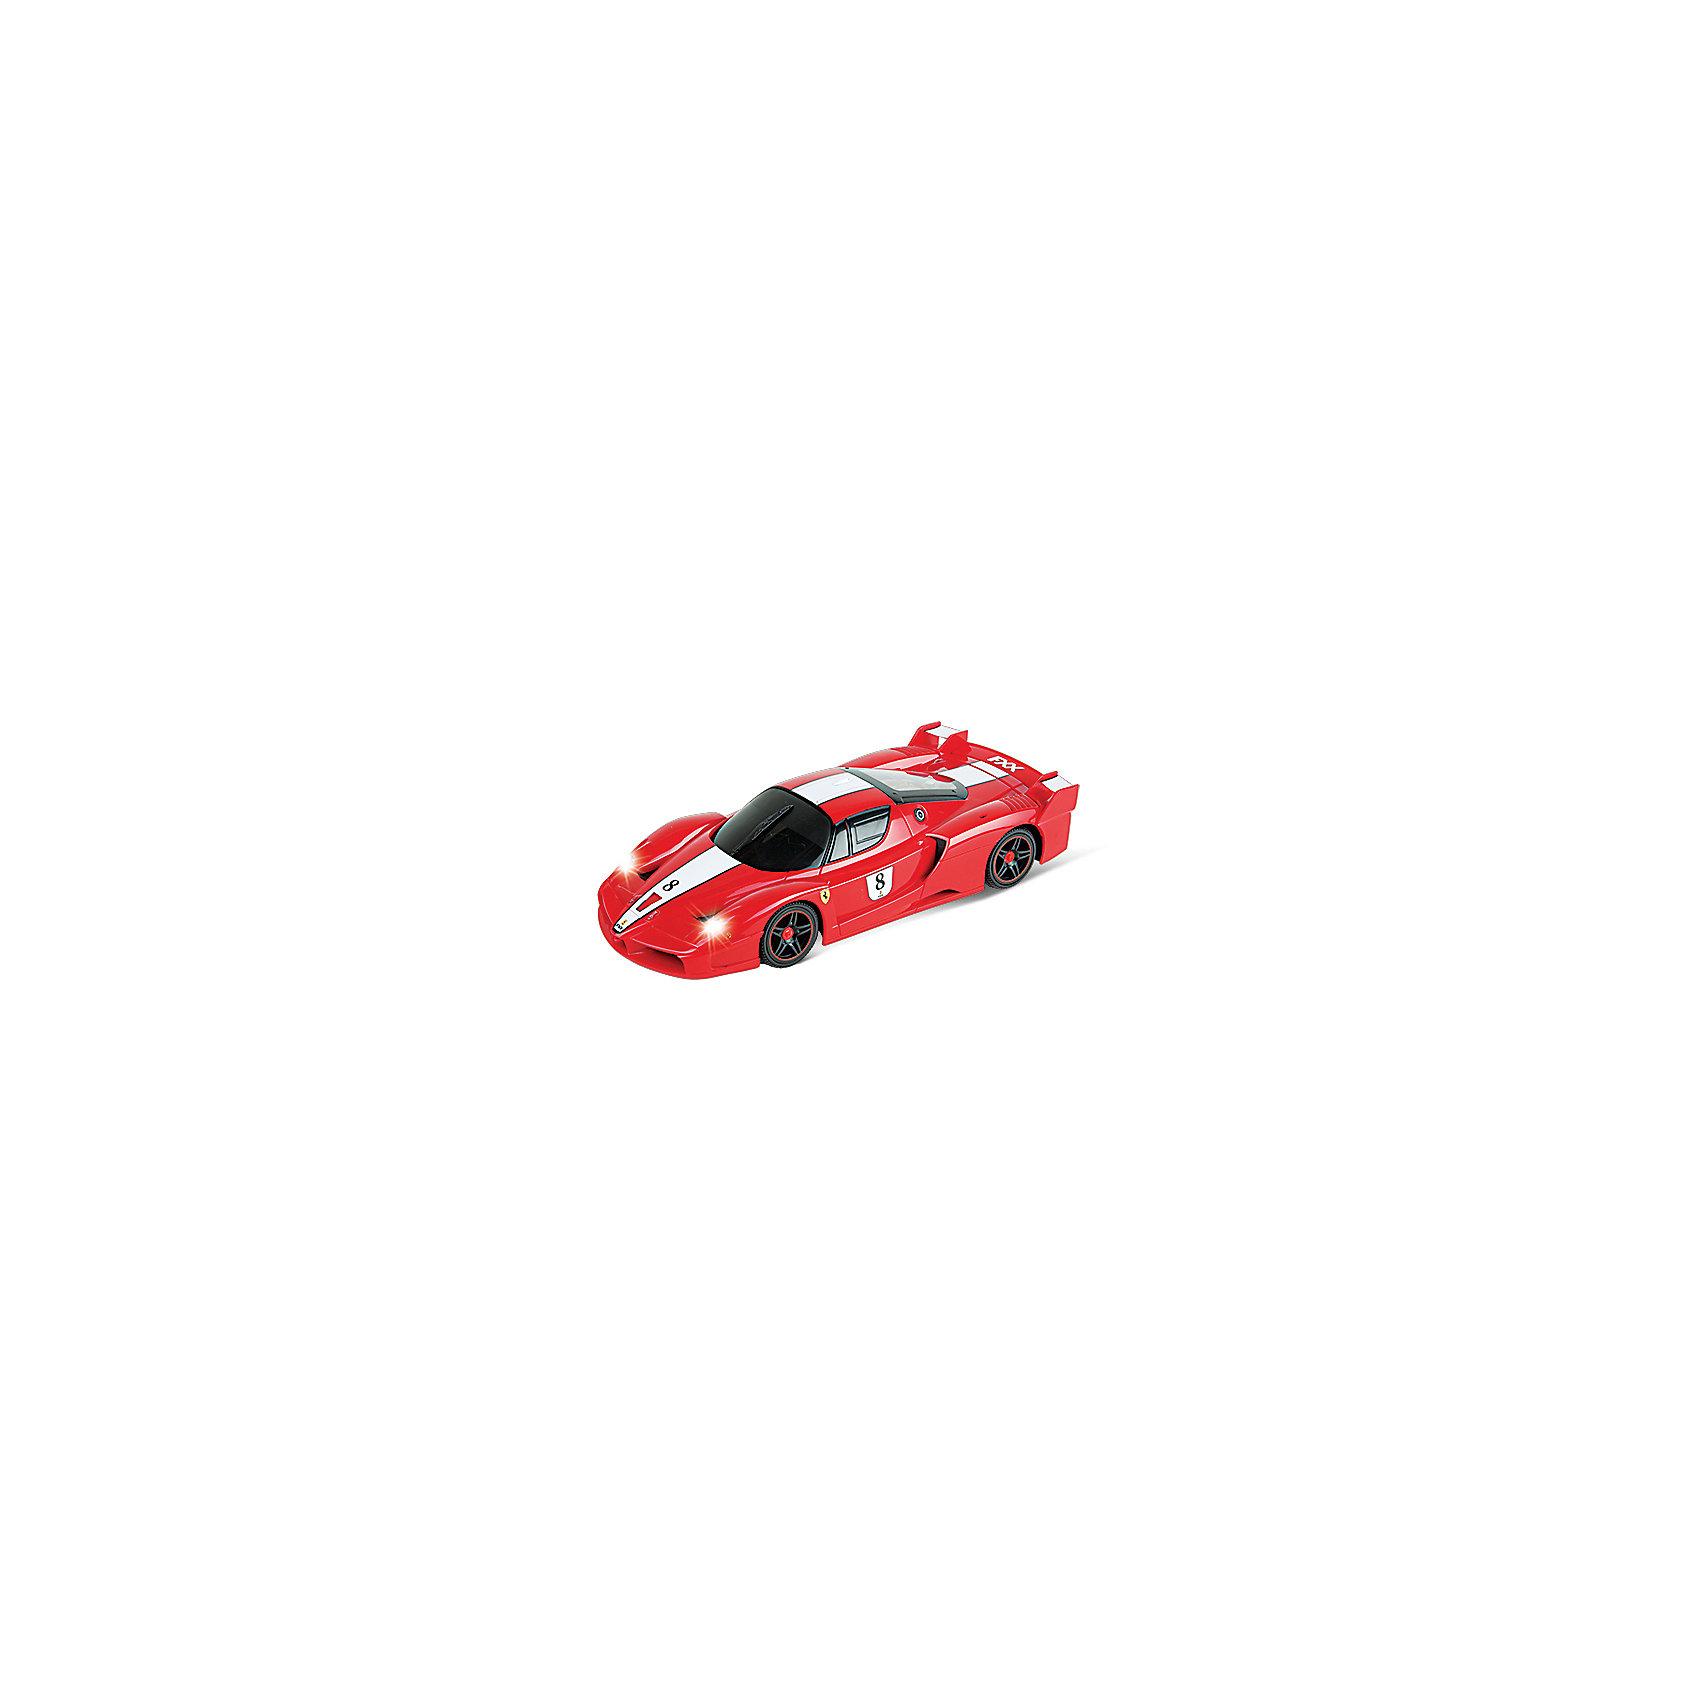 Машина FERRARI FXX, 1:18, со светом, на радиоуправленииТочная копия спортивного автомобиля FERRARI FXX на радиоуправлении прекрасный подарок и малышу и взрослому любителю этой замечательной марки. Спортивная икона в истинном цвете марки - красном, прекрасно подходит для создания коллекции! Прекрасная детализированная копия FERRARI FXX (Феррари FXX), уменьшенная в 18 раз может появиться у Вас дома! Функция полного управления позволяет машине с легкостью обходить все углы, даже на полном ходу. Еще один существенный плюс - у спортивного автомобиля Ferrari FXX полный радиоконтроль и профессиональное шасси. Благодаря независимой подвеске передних и задних колес машина маневрирует, как настоящая. Модель движется со скоростью 10 км/ч, ей можно управлять с расстояния до 32 м. Устраивайте гонки и шоу прямо у себя дома! <br><br>Дополнительная информация:<br><br>- Комплект: машина, пульт радиоуправления, руководство пользователя;<br>- Машинка движется вперёд и назад, влево, вправо;<br>- Полное подпружинивание колес, дифференциал заднего моста;<br>- Светятся фары;<br>- Масштаб: 1:18 см;<br>- Батарейки 5 х АА / LR6 1.5V (пальчиковые) не входят в комплект;<br>- Дальность действия: 32 м;<br>- Материал: пластик, металл;<br>- Цвет: красный;<br>- Размер игрушки: 27 х 12 х 6 см;<br>- Размер упаковки: 34 х 16 х 13 см;<br>- Вес: 870 г<br><br>Машину FERRARI FXX, 1:18, со светом, на радиоуправлении можно купить в нашем интернет-магазине.<br><br>Ширина мм: 340<br>Глубина мм: 160<br>Высота мм: 130<br>Вес г: 870<br>Возраст от месяцев: 36<br>Возраст до месяцев: 144<br>Пол: Мужской<br>Возраст: Детский<br>SKU: 3939476